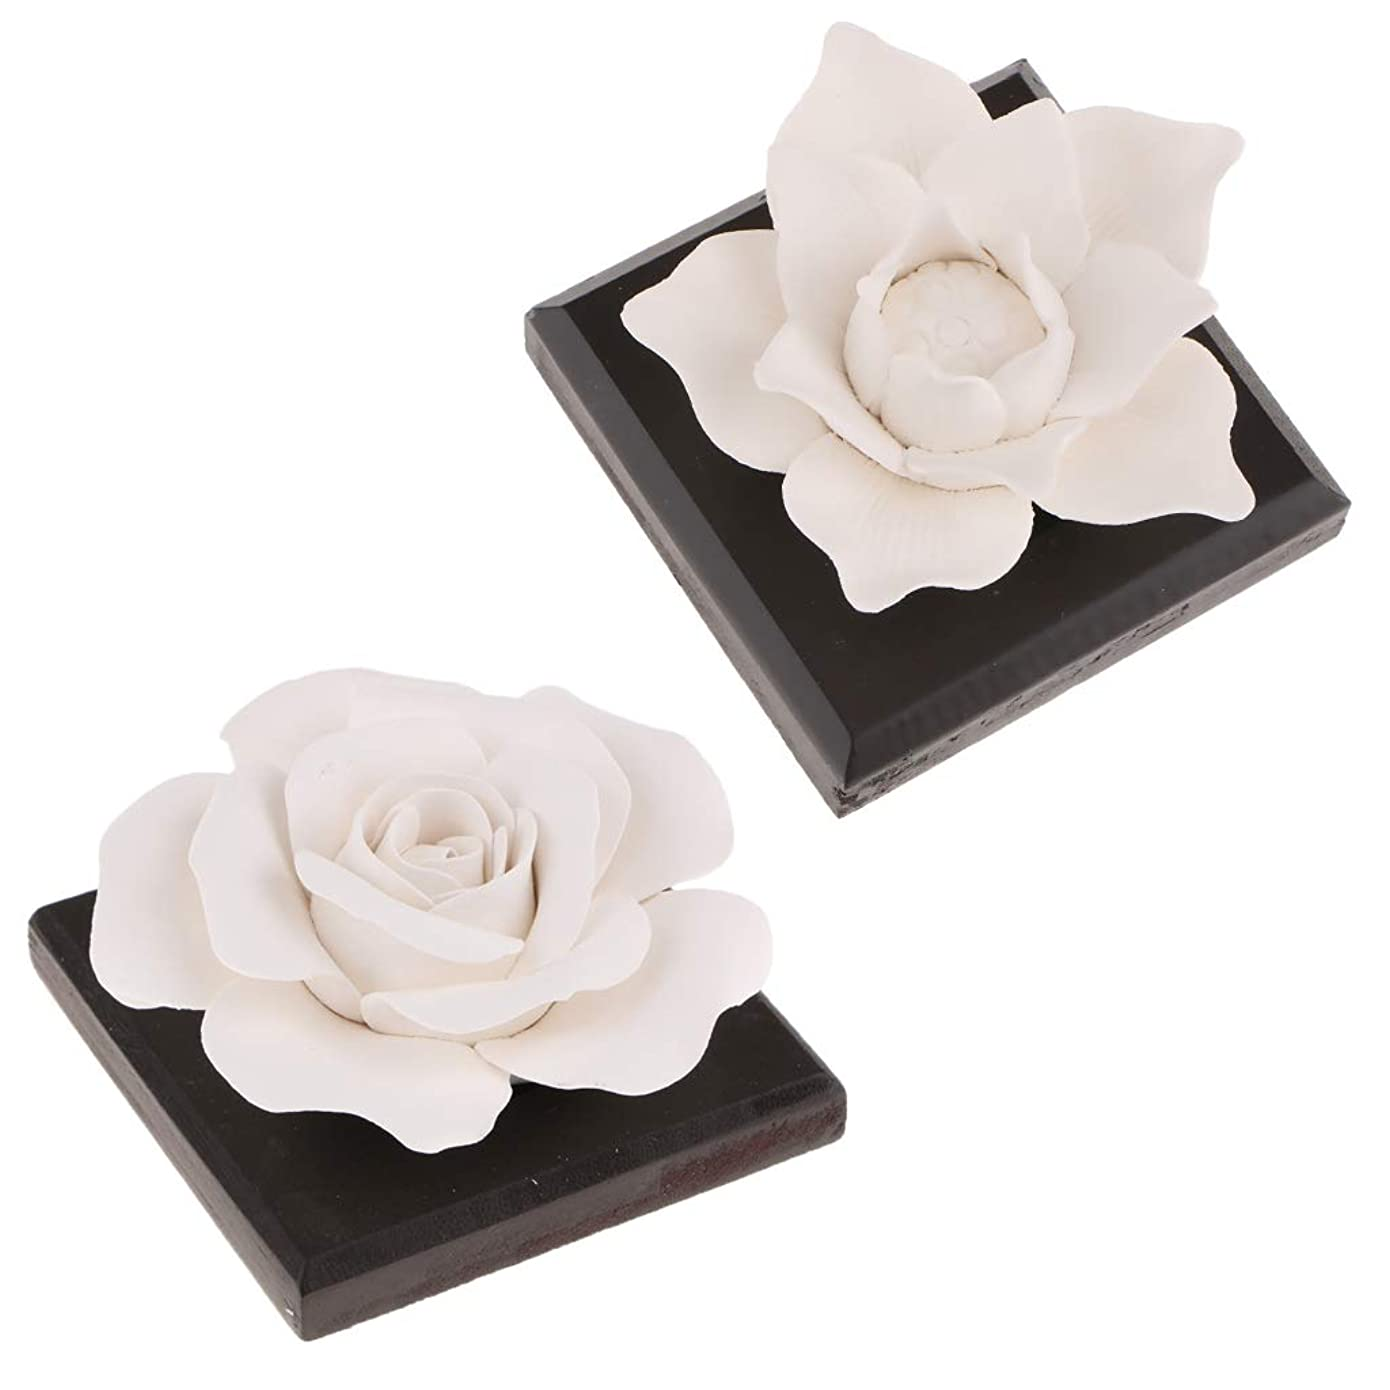 一時解雇するアヒルうるさいFLAMEER 2パックの白い花の陶磁器の芳香剤の香水のにおいの拡散器の装飾の技術